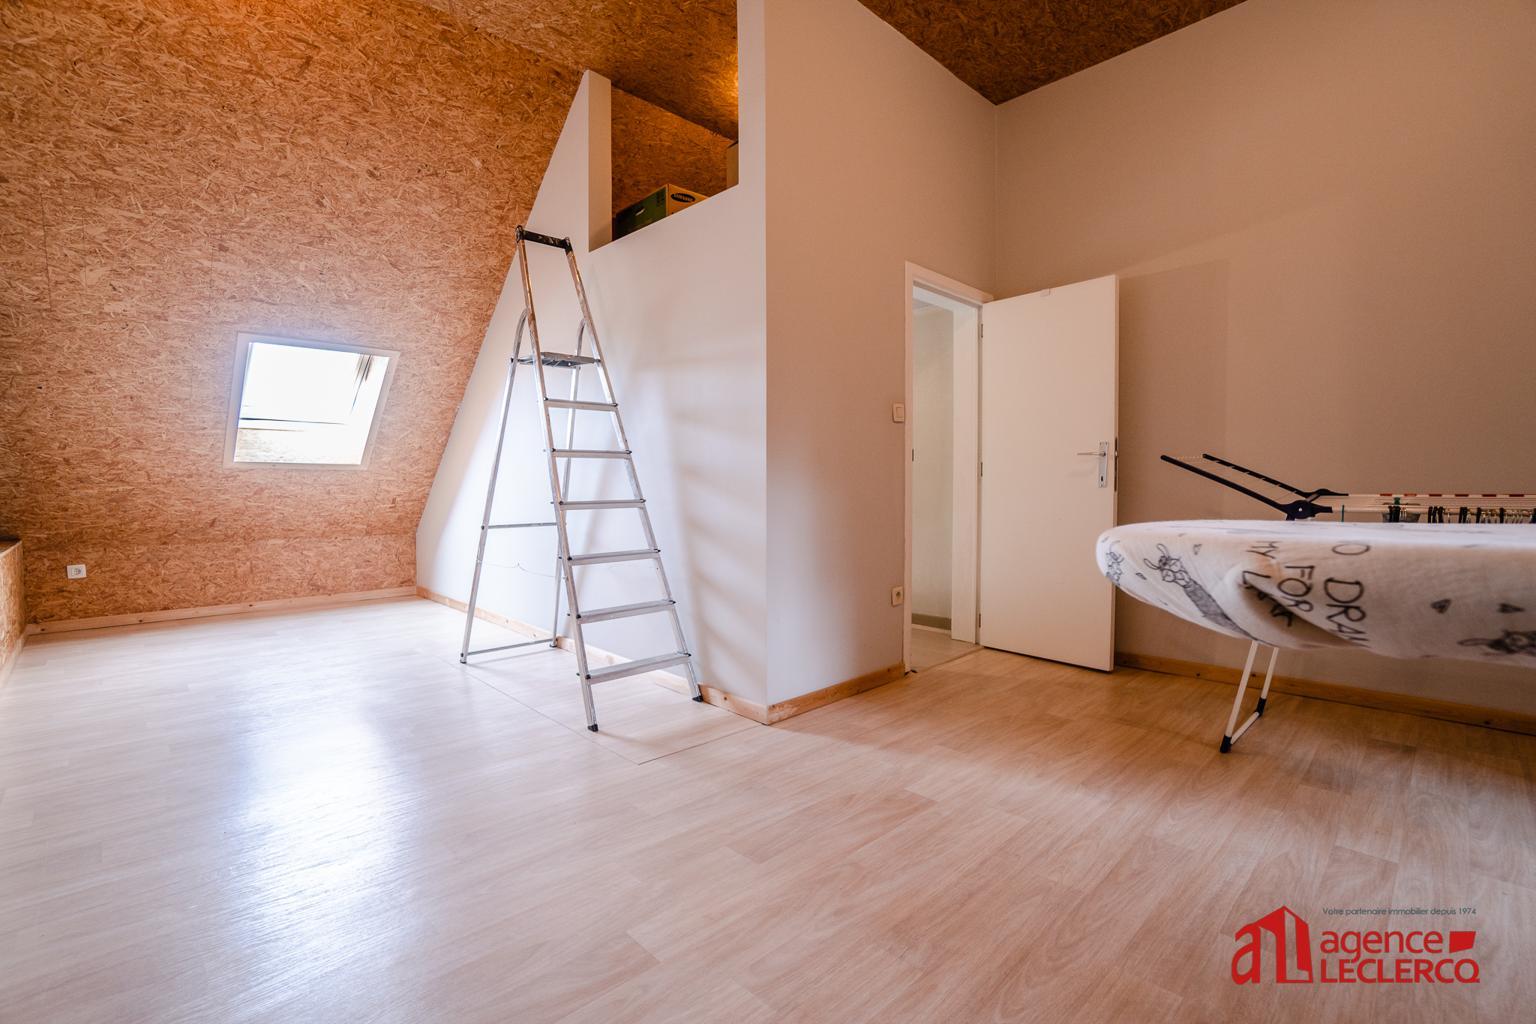 Maison - Tournai - #4518420-19